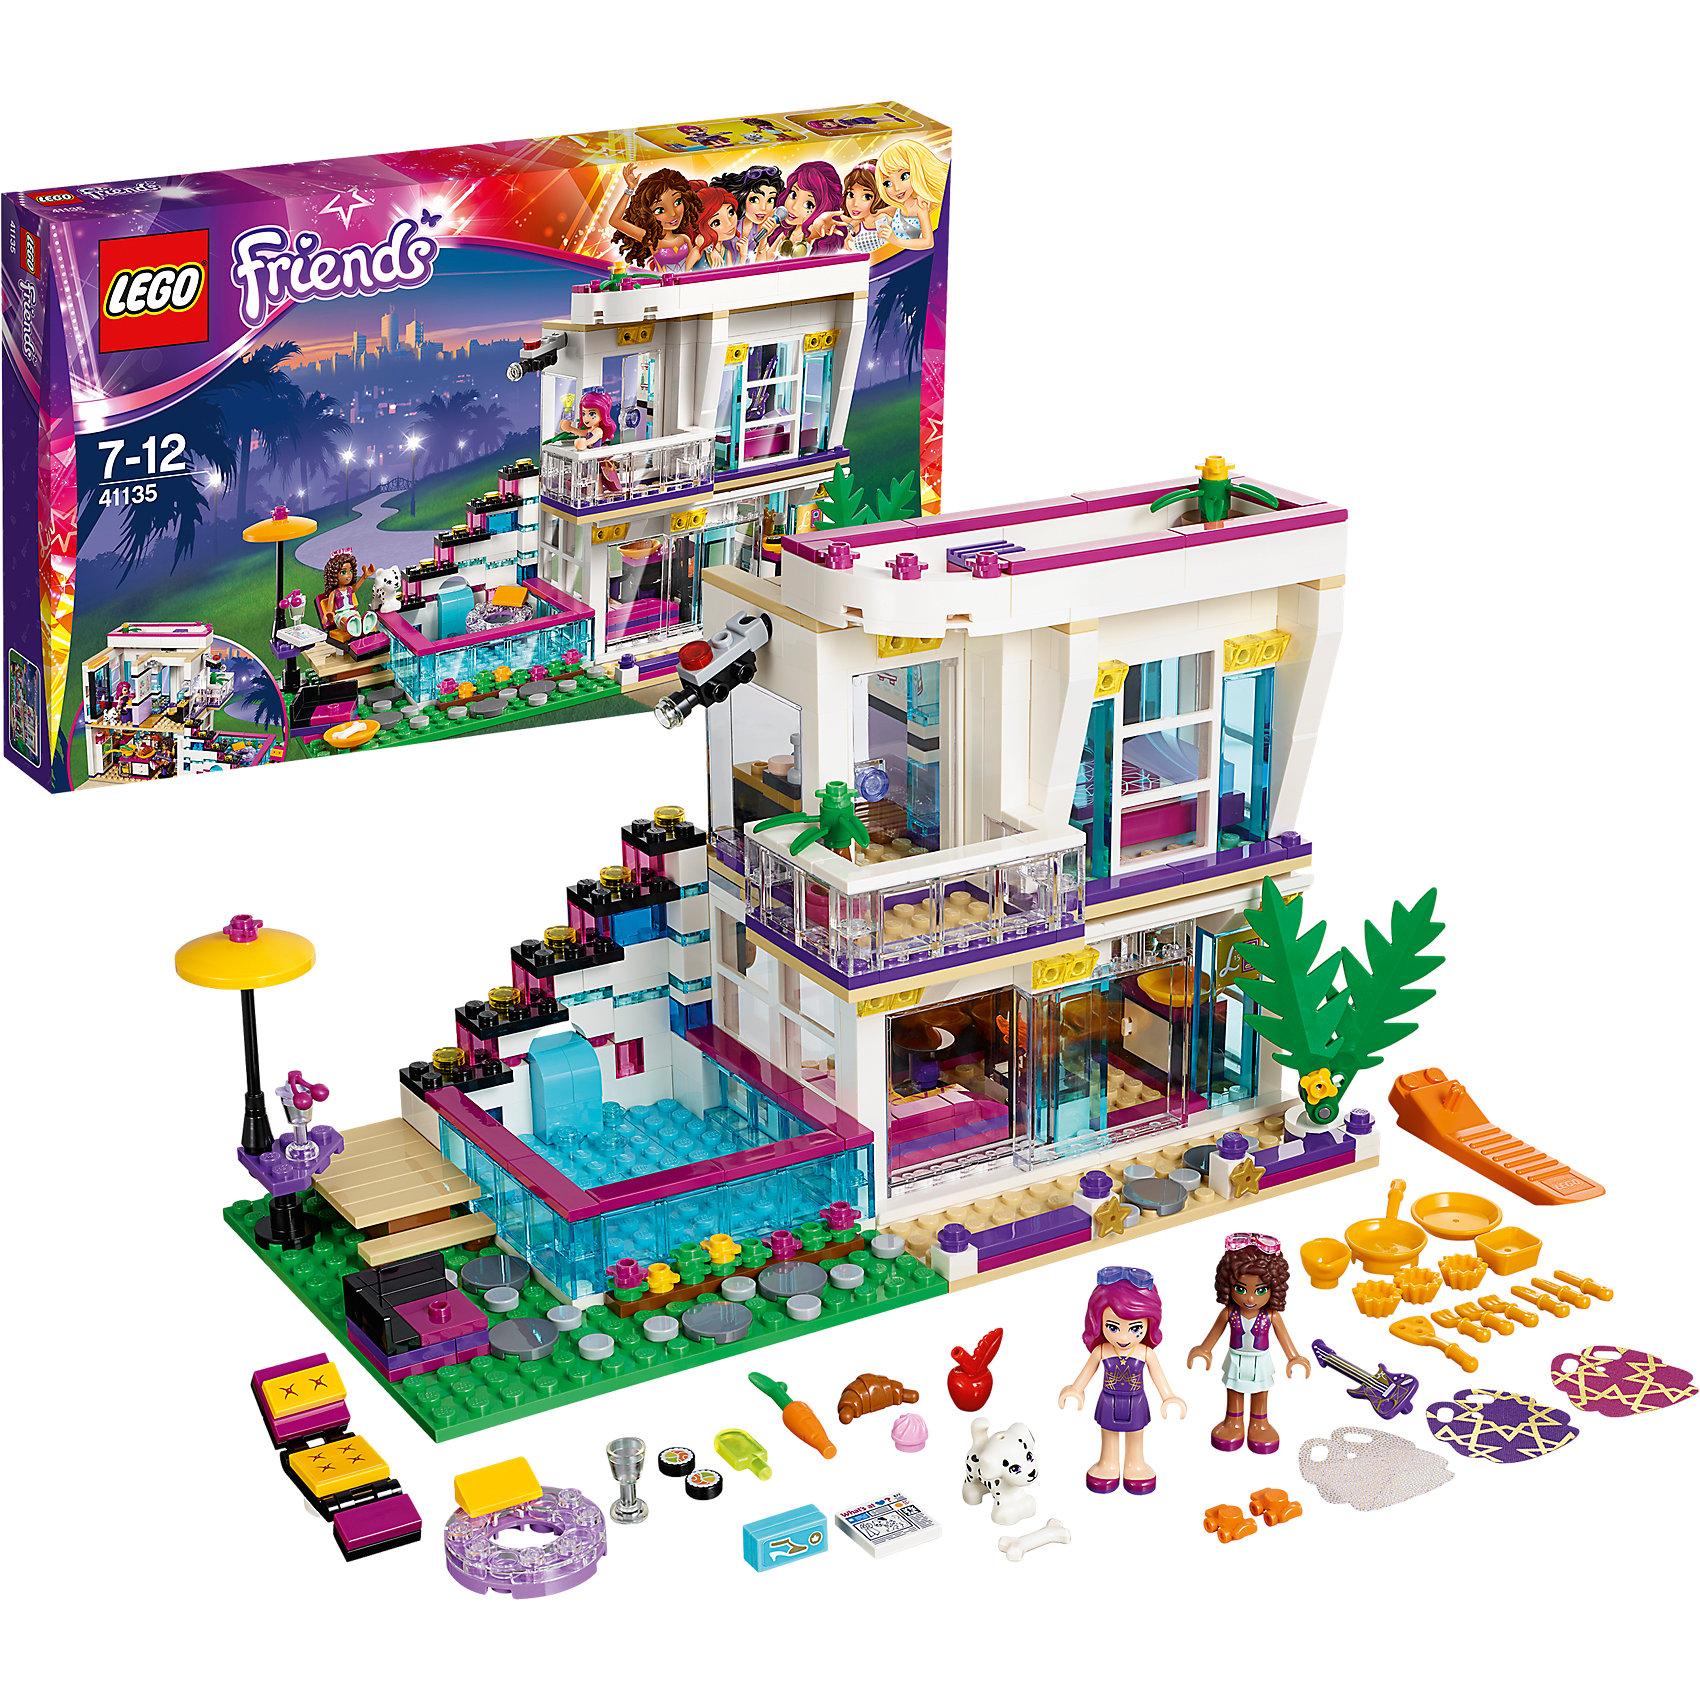 LEGO Friends 41135: Поп-звезда: дом ЛивиLEGO Friends<br>Андреа пригласили провести день с Ливи в её великолепном доме, и ты можешь пойти с ней! Прими душ в гламурной чёрно-золотой ванной, а затем выбери в гардеробе юбку. Насладись видом с балкона или поиграй возле бассейна с собачкой Куки. Потом приготовь суши на кухне, оборудованной по последнему слову техники, и отдохни в гостиной у камина.<br><br>LEGO Friends (ЛЕГО Подружки)- серия детских конструкторов ЛЕГО, созданных специально для девочек. Эта коллекция объединяет в себе принципы строительного конструктора ЛЕГО и игровые темы, яркие цвета и образы интересные для девочек.<br><br>Дополнительная информация:<br><br>- Конструкторы ЛЕГО развивают усидчивость, внимание, фантазию и мелкую моторику. <br>- 3 фигурки.<br>- В комплекте 2 фигурки, собачка, дом с бассейном, пальма, шезлонг, посуда, еда, гитары, аксессуары. <br>- Количество деталей: 726<br>- Серия LEGO Friends (ЛЕГО Подружки).<br>- Материал: пластик.<br>- Размер упаковки: 48х6х28 см.<br>- Размер дома в собранном виде: 15х14х25 см.<br>- Вес: 0.93 кг.<br><br>LEGO Friends 41135: Поп-звезда: дом Ливи можно купить в нашем магазине.<br><br>Ширина мм: 478<br>Глубина мм: 281<br>Высота мм: 63<br>Вес г: 1016<br>Возраст от месяцев: 84<br>Возраст до месяцев: 144<br>Пол: Женский<br>Возраст: Детский<br>SKU: 4259098